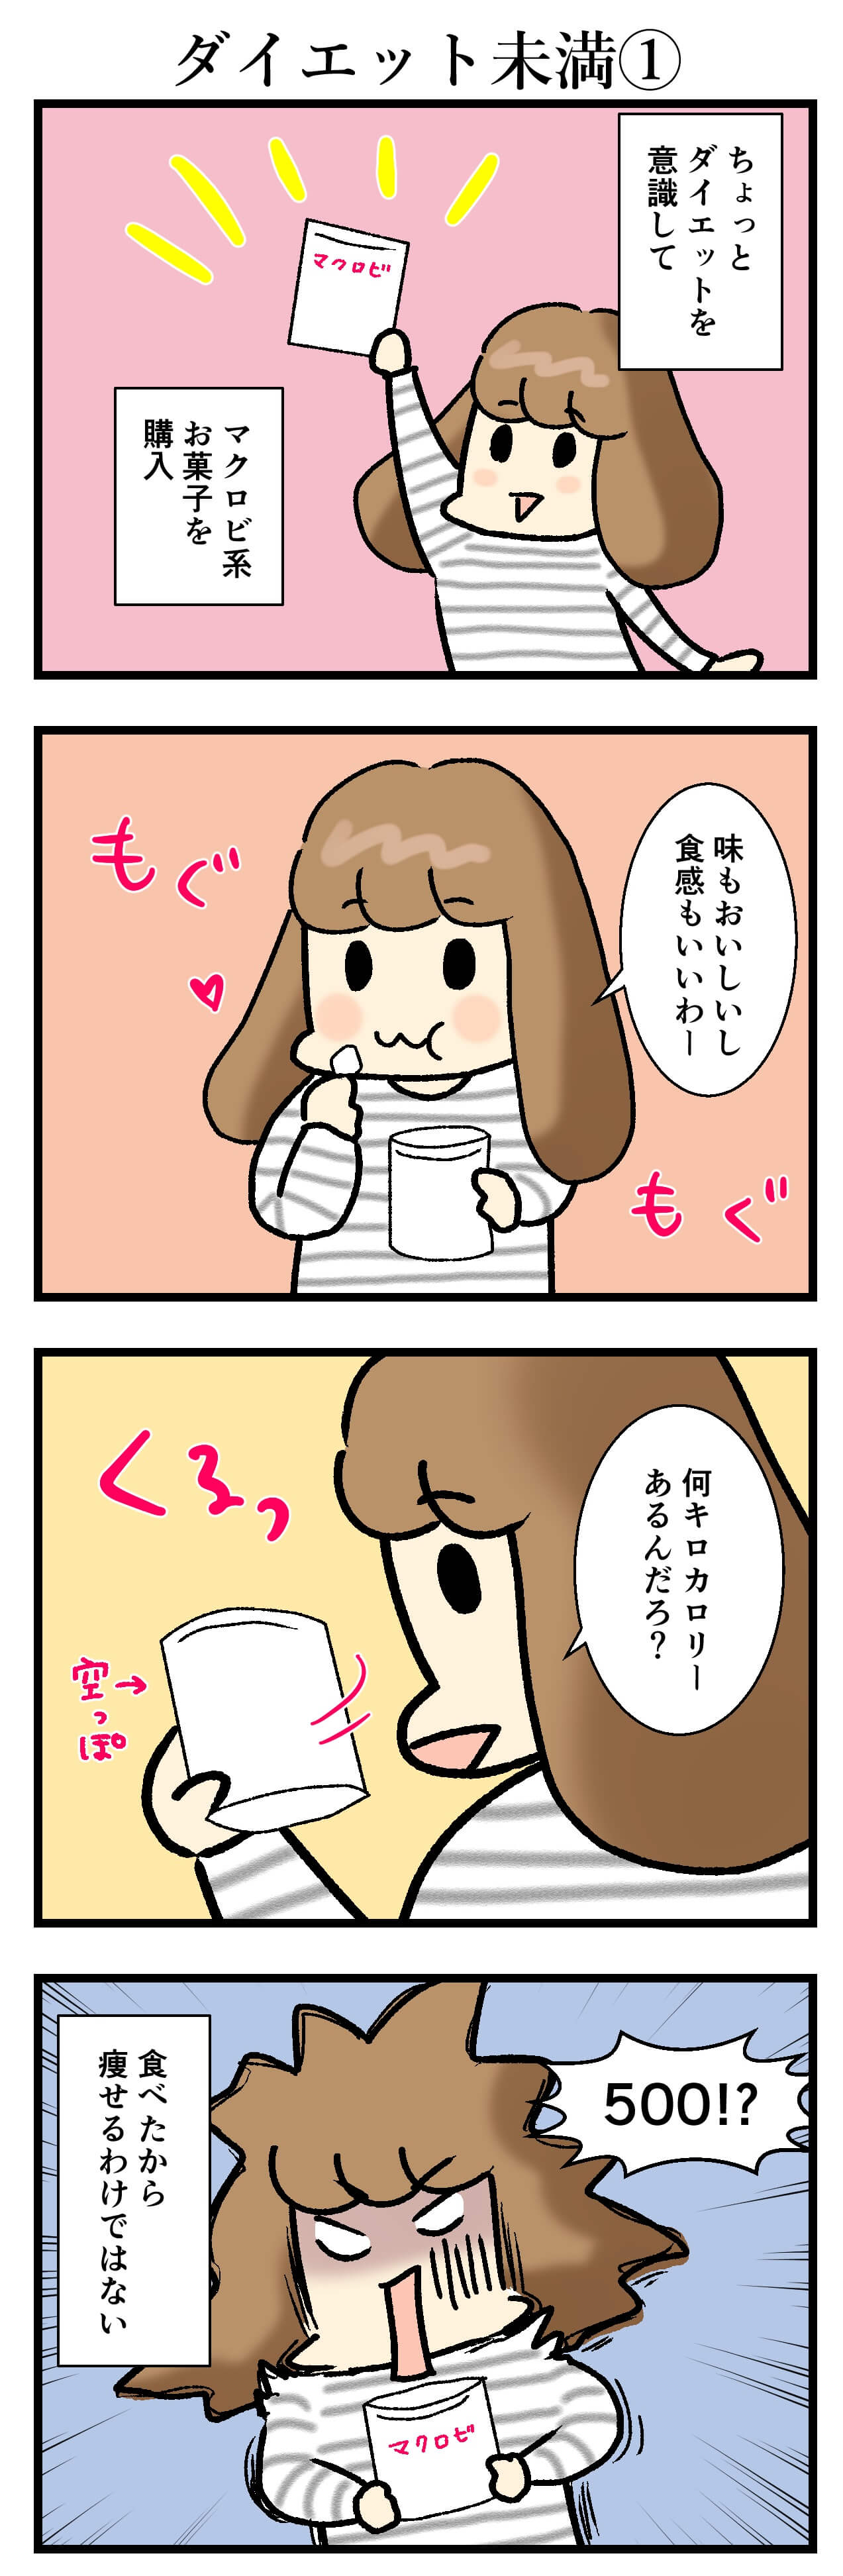 【エッセイ漫画】アラサー主婦くま子のふがいない日常(104)